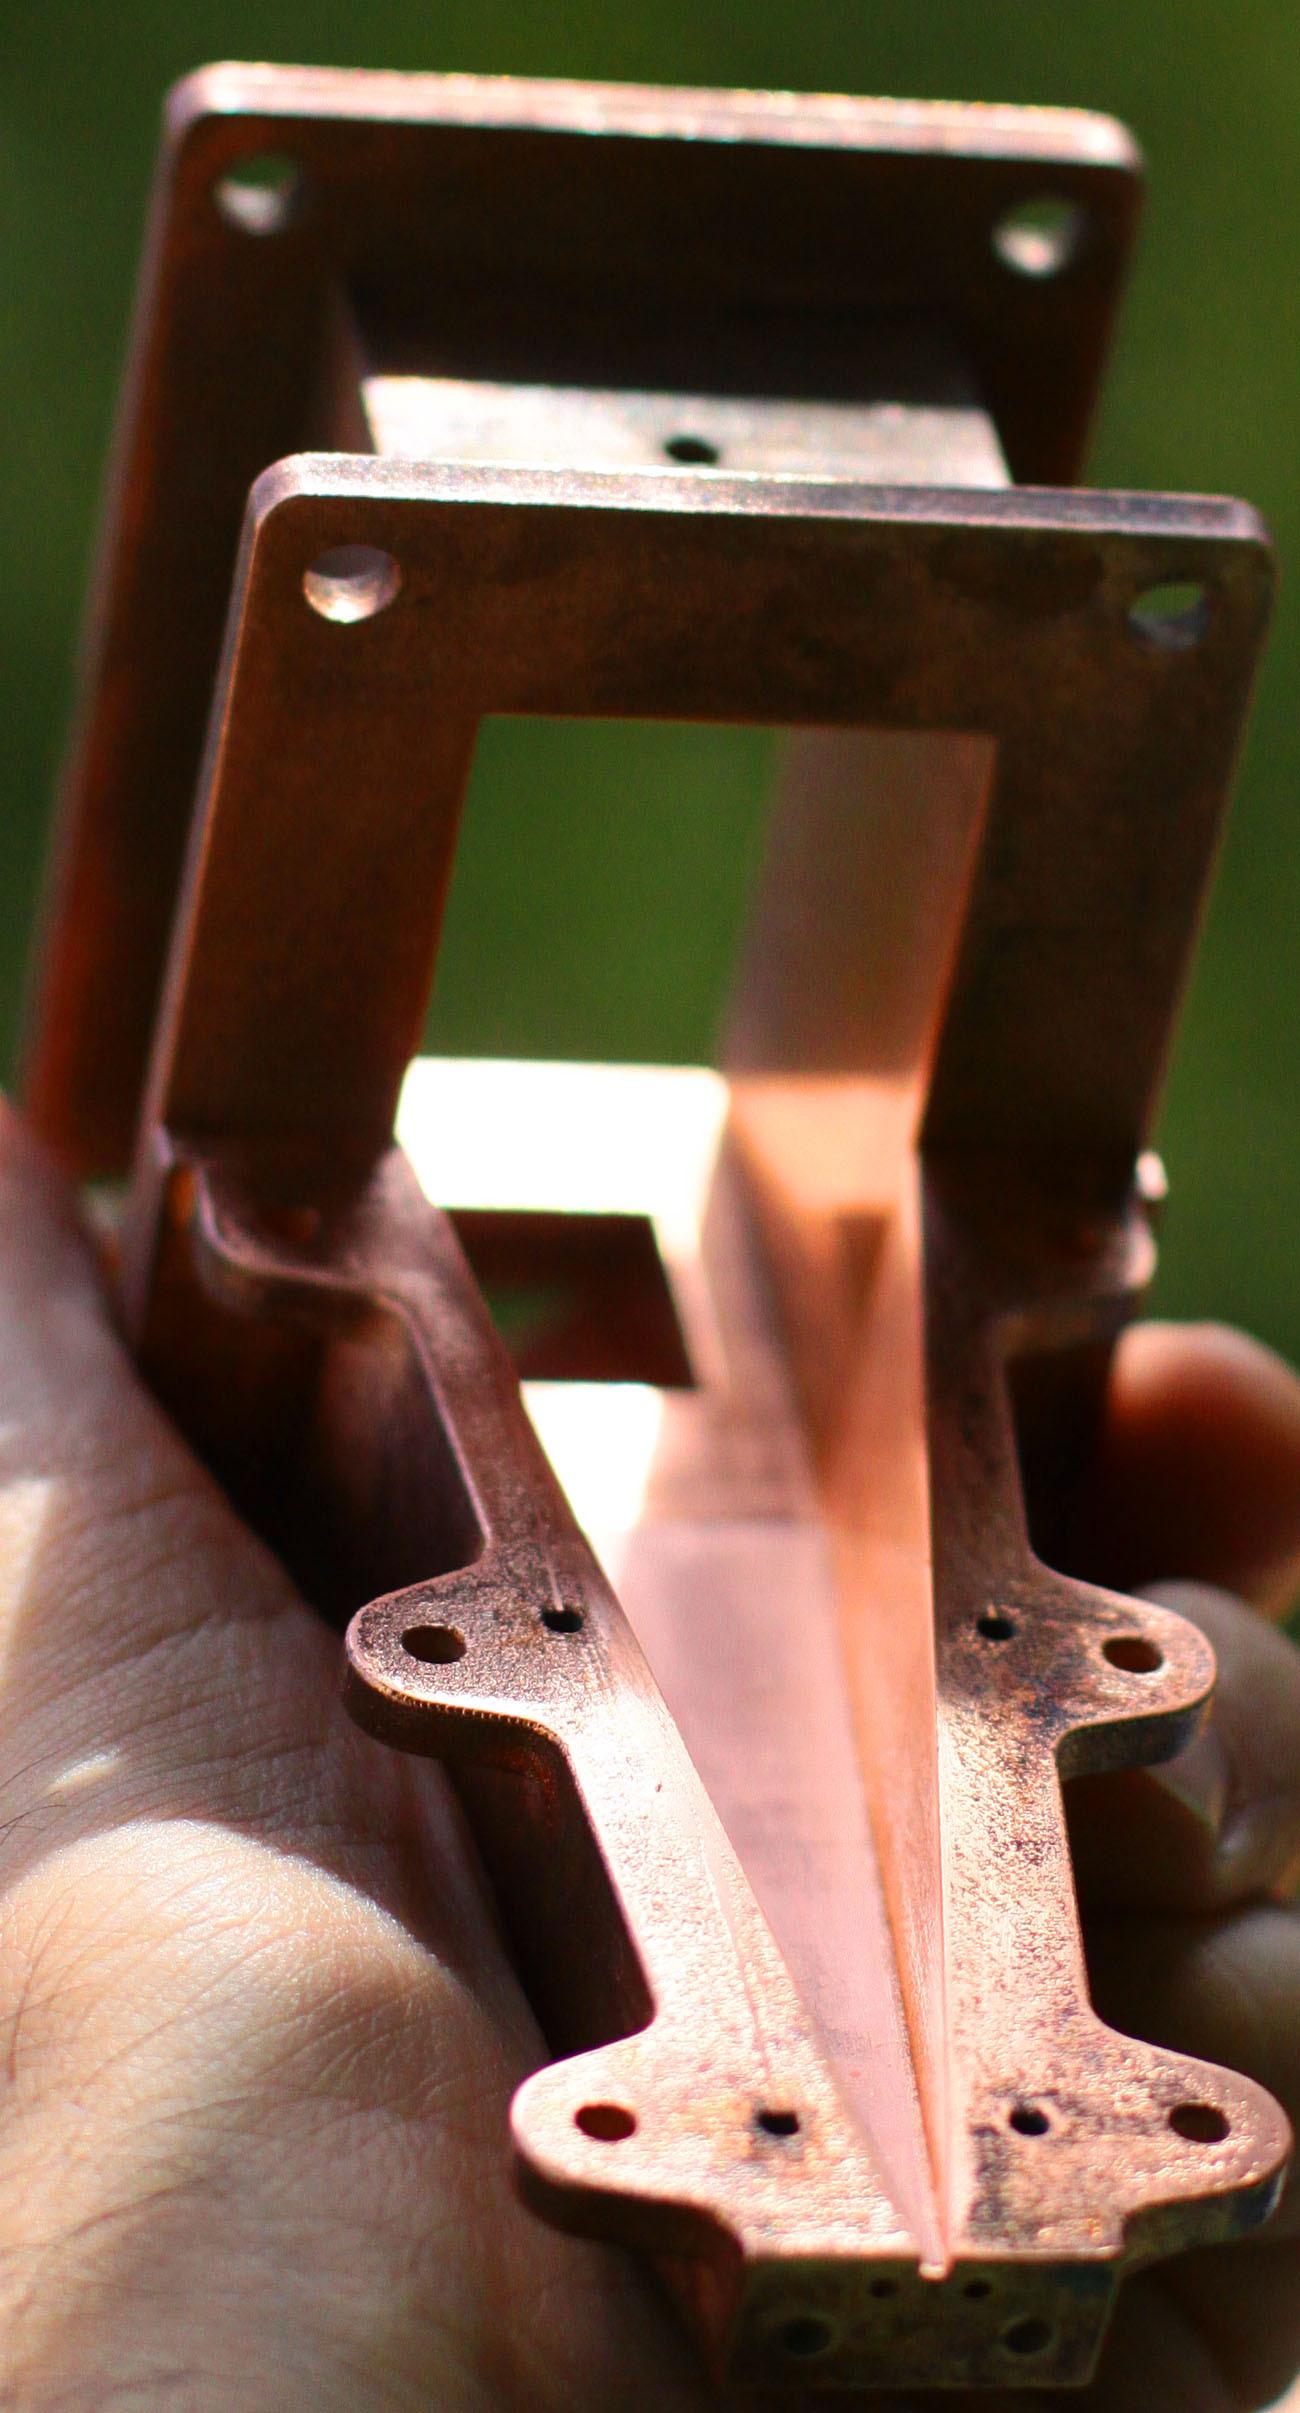 Применение аддитивных технологий при производстве сложных нестандартных изделий - 5